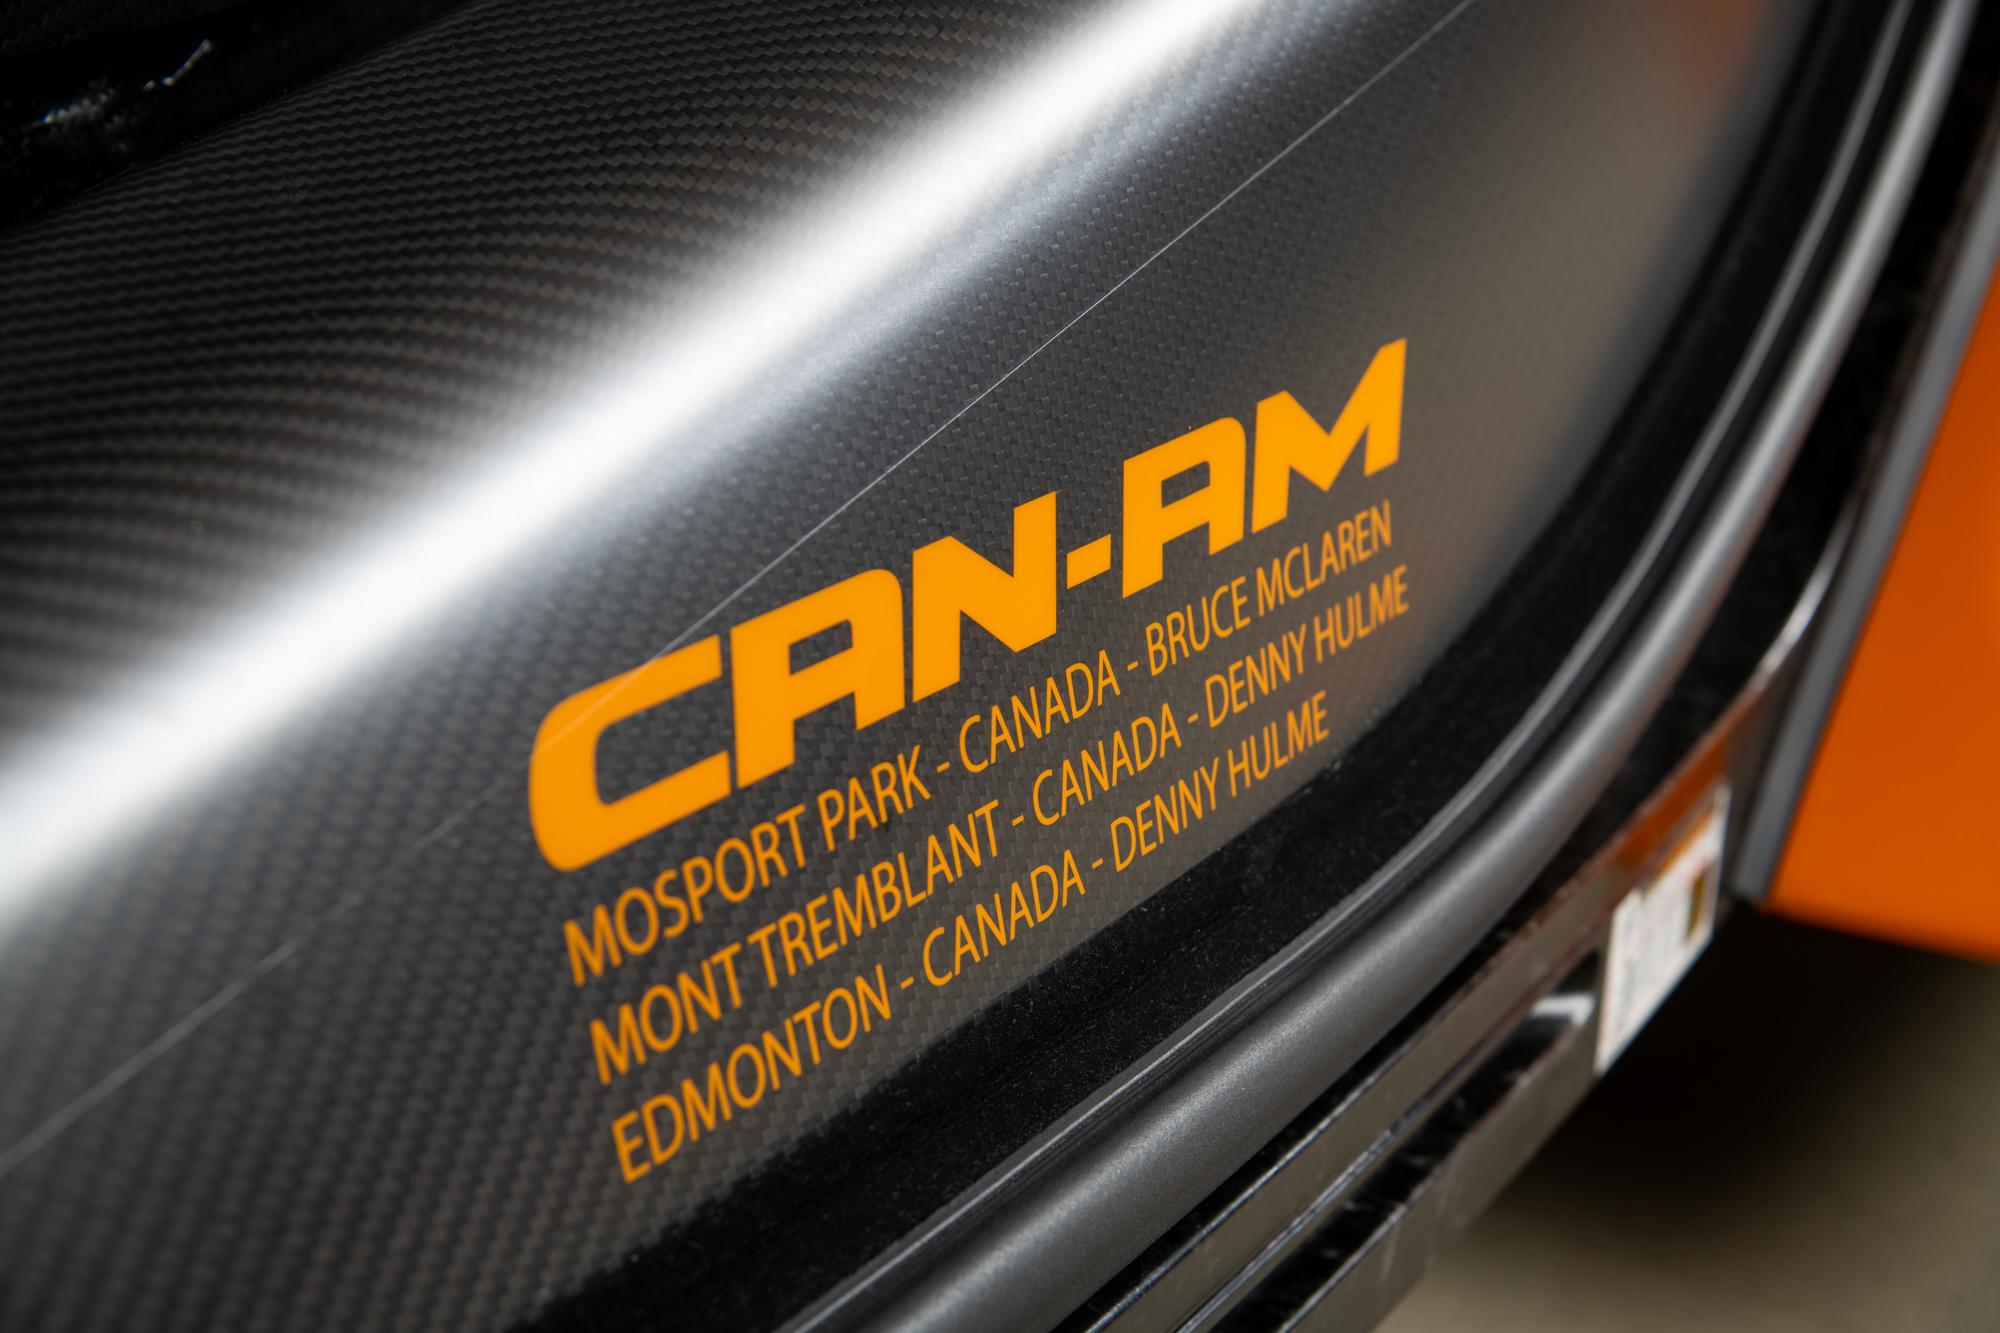 2019 Mclaren Senna Can Am , ORANGE, VIN SBM15ACAXKW900007, MILEAGE 843